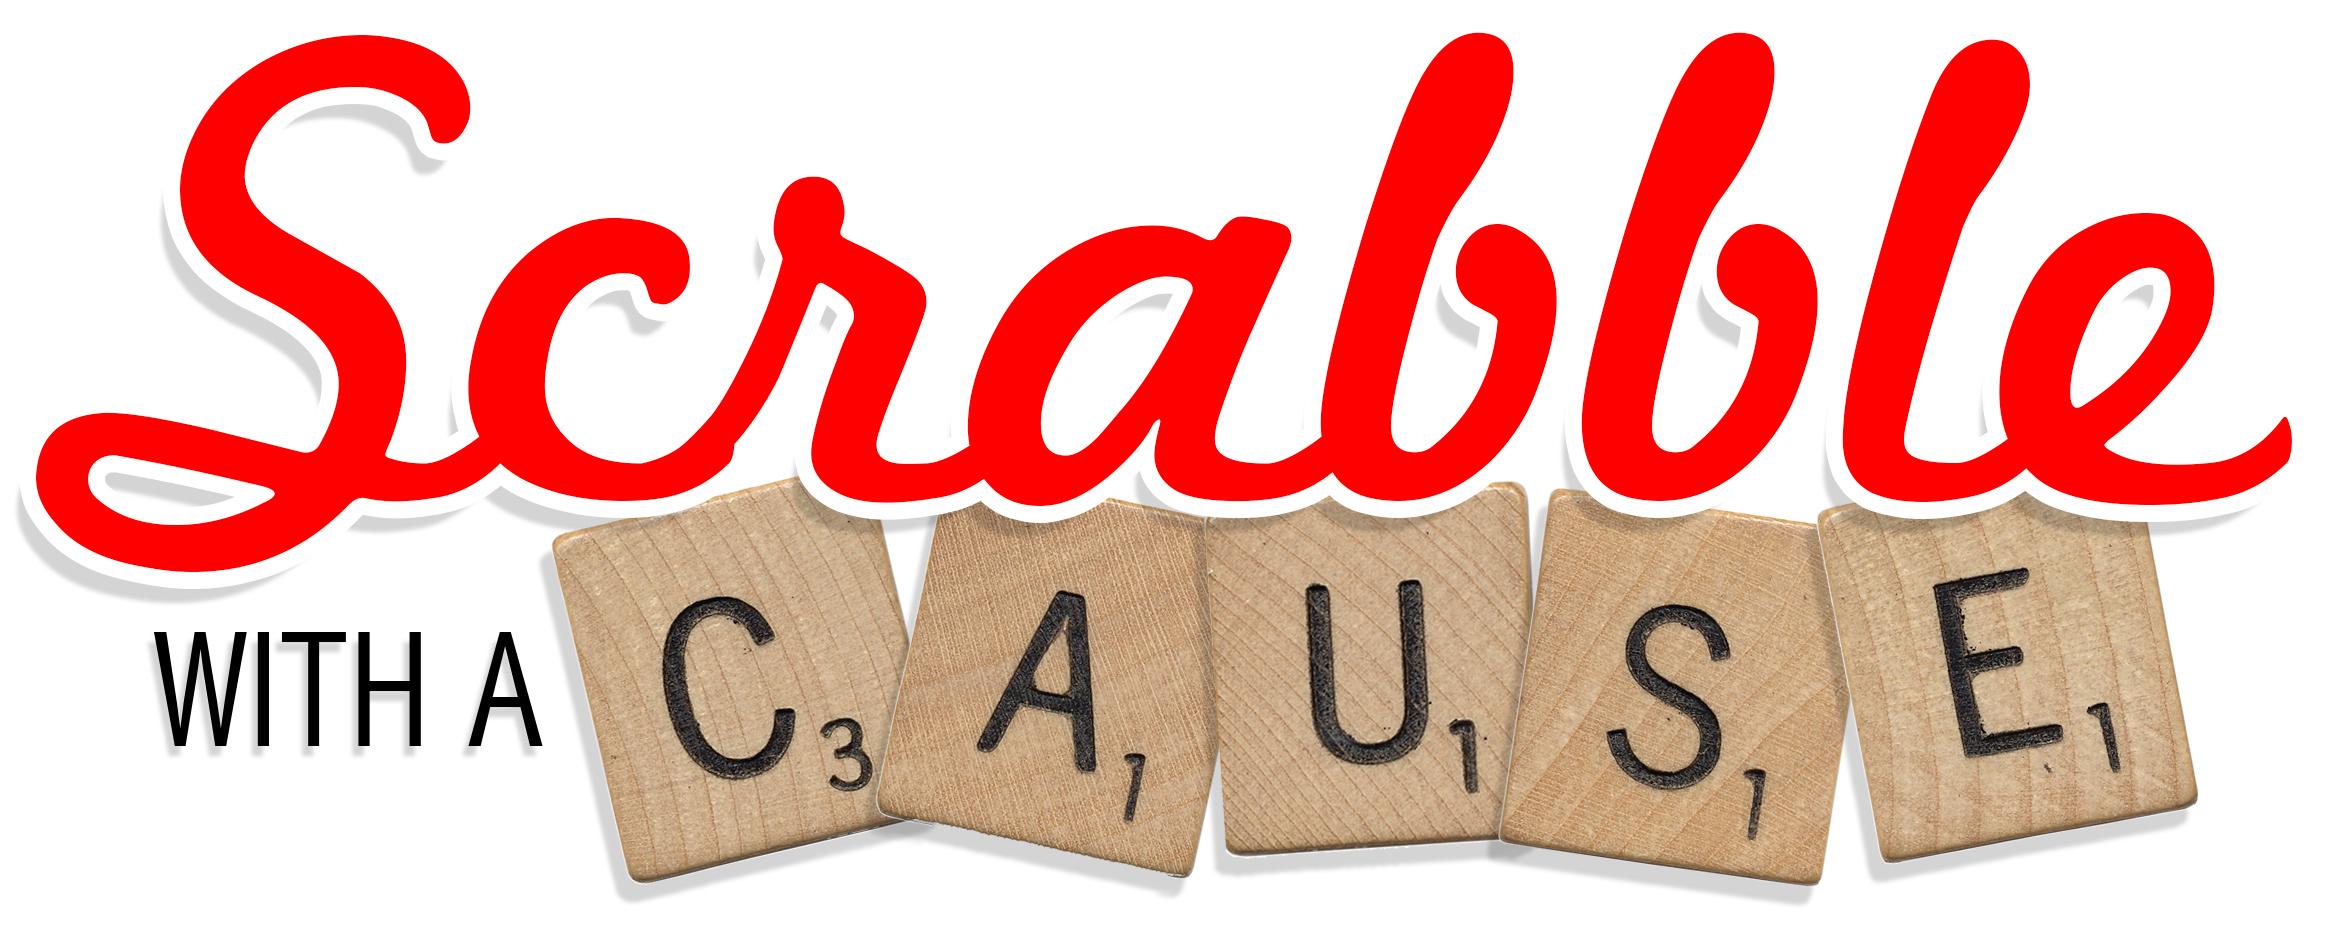 Scrabble & Pizza Family Fun Night Benefit!